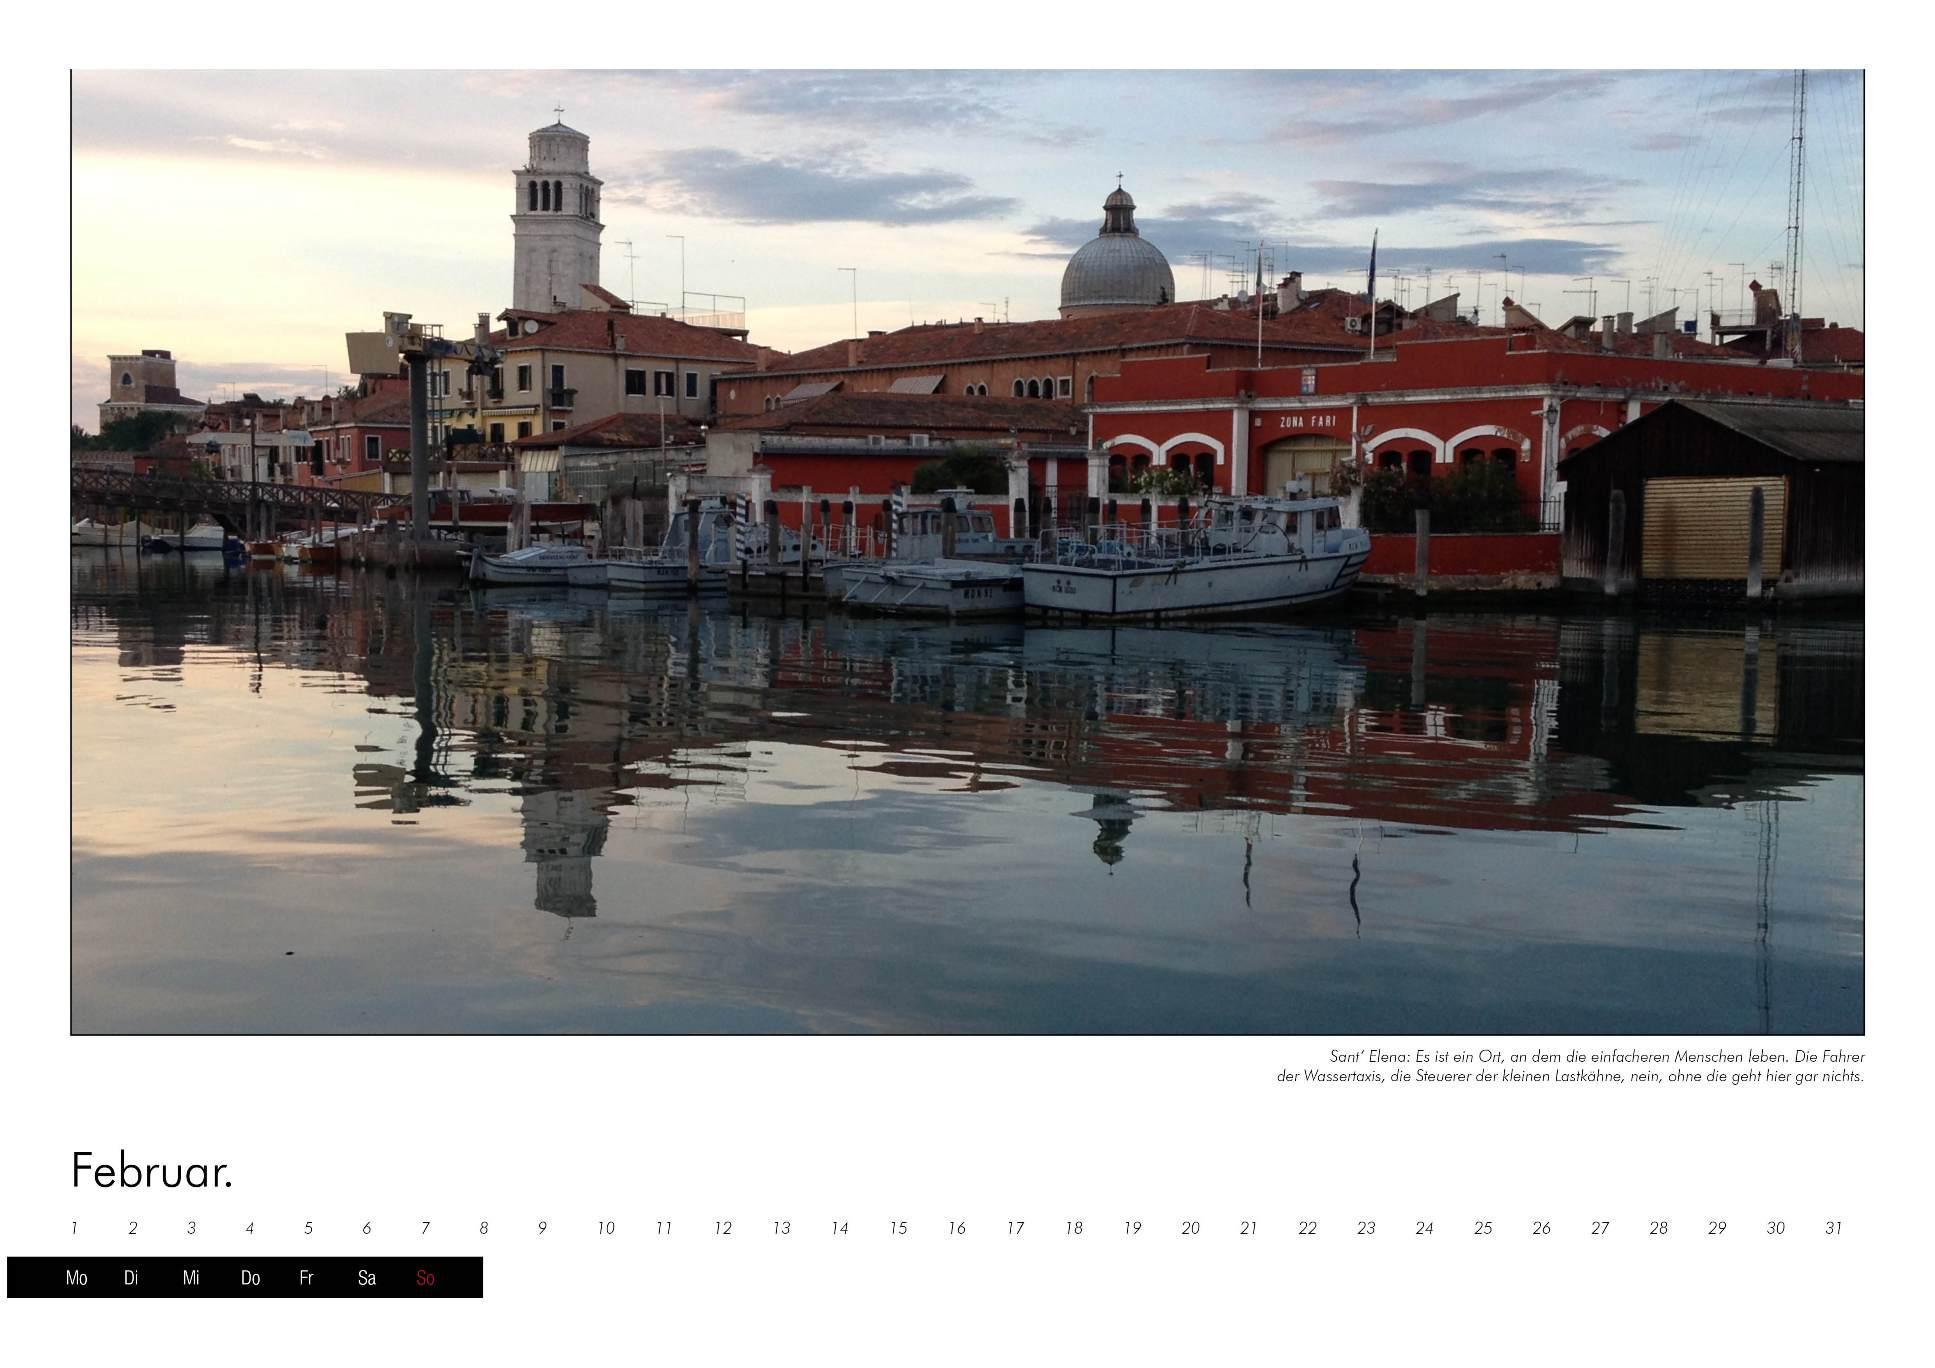 Kalenderbild einer Lagune in Venedig im immerwährenden Kalender